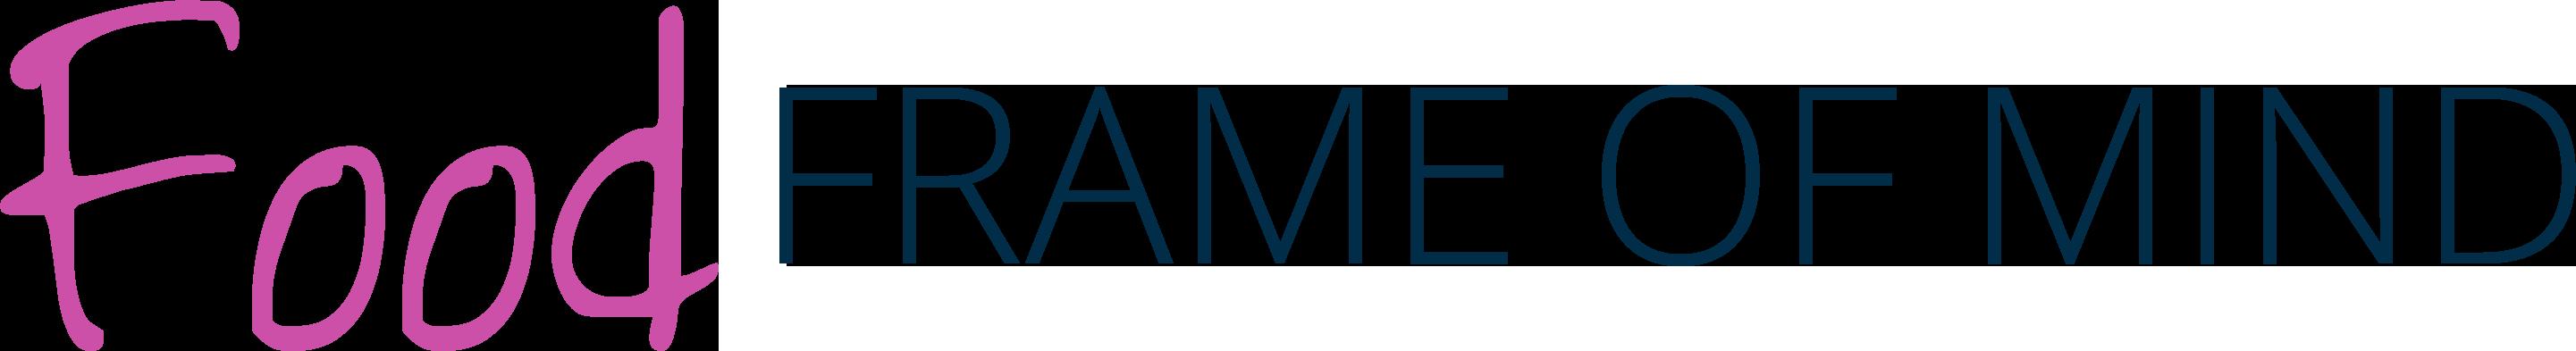 food frame of mind logo